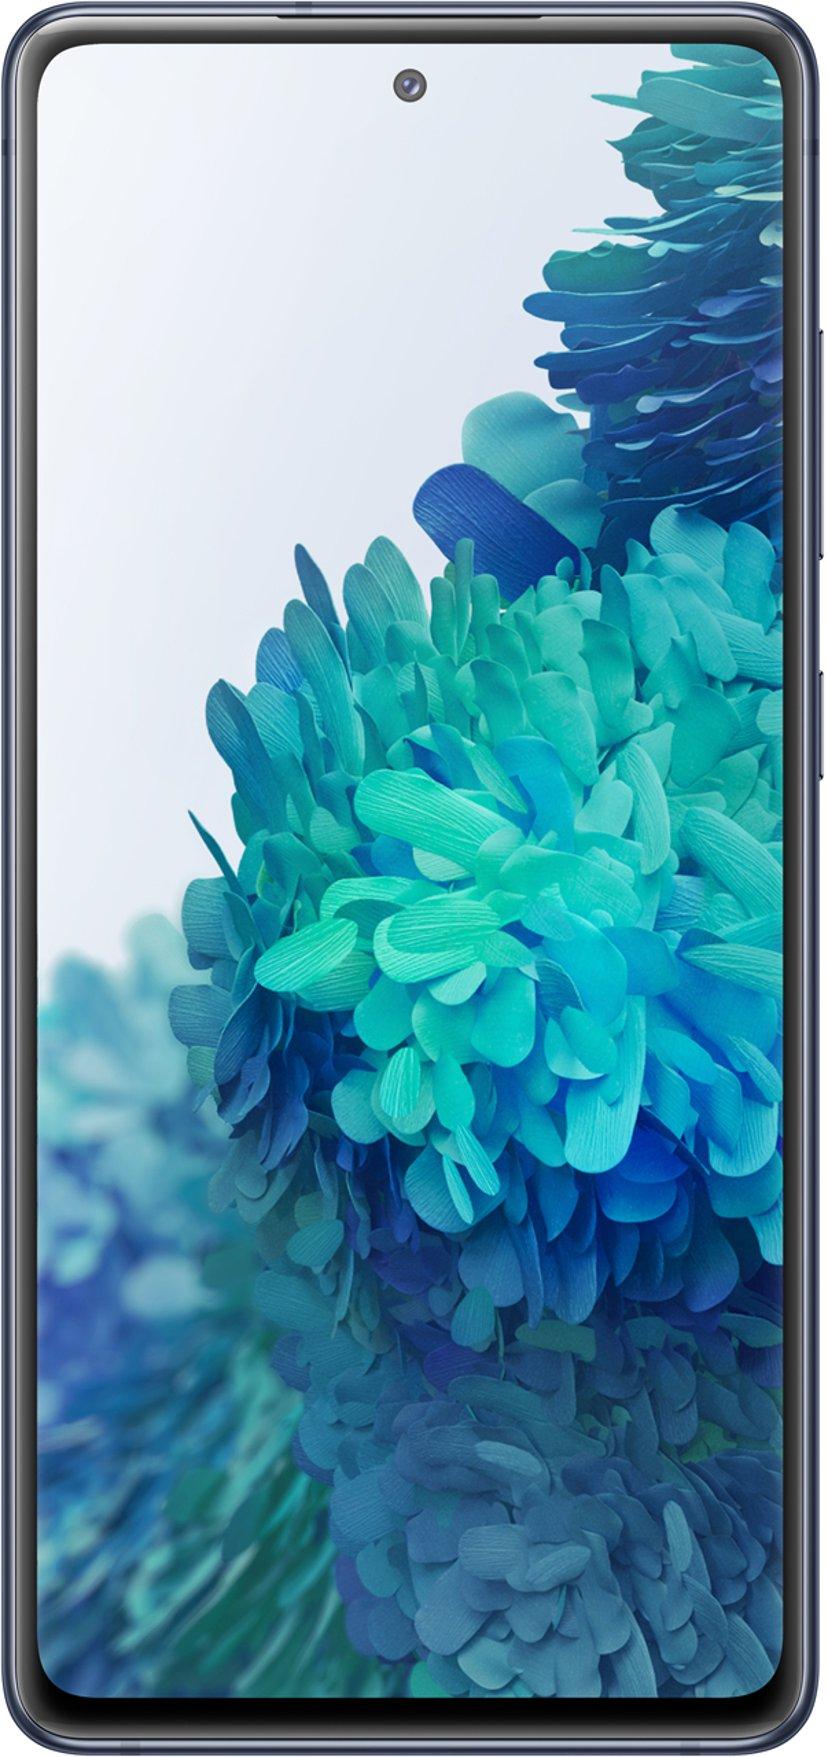 Samsung Galaxy S20 FE 5G 128GB Dual-SIM Sky-marine